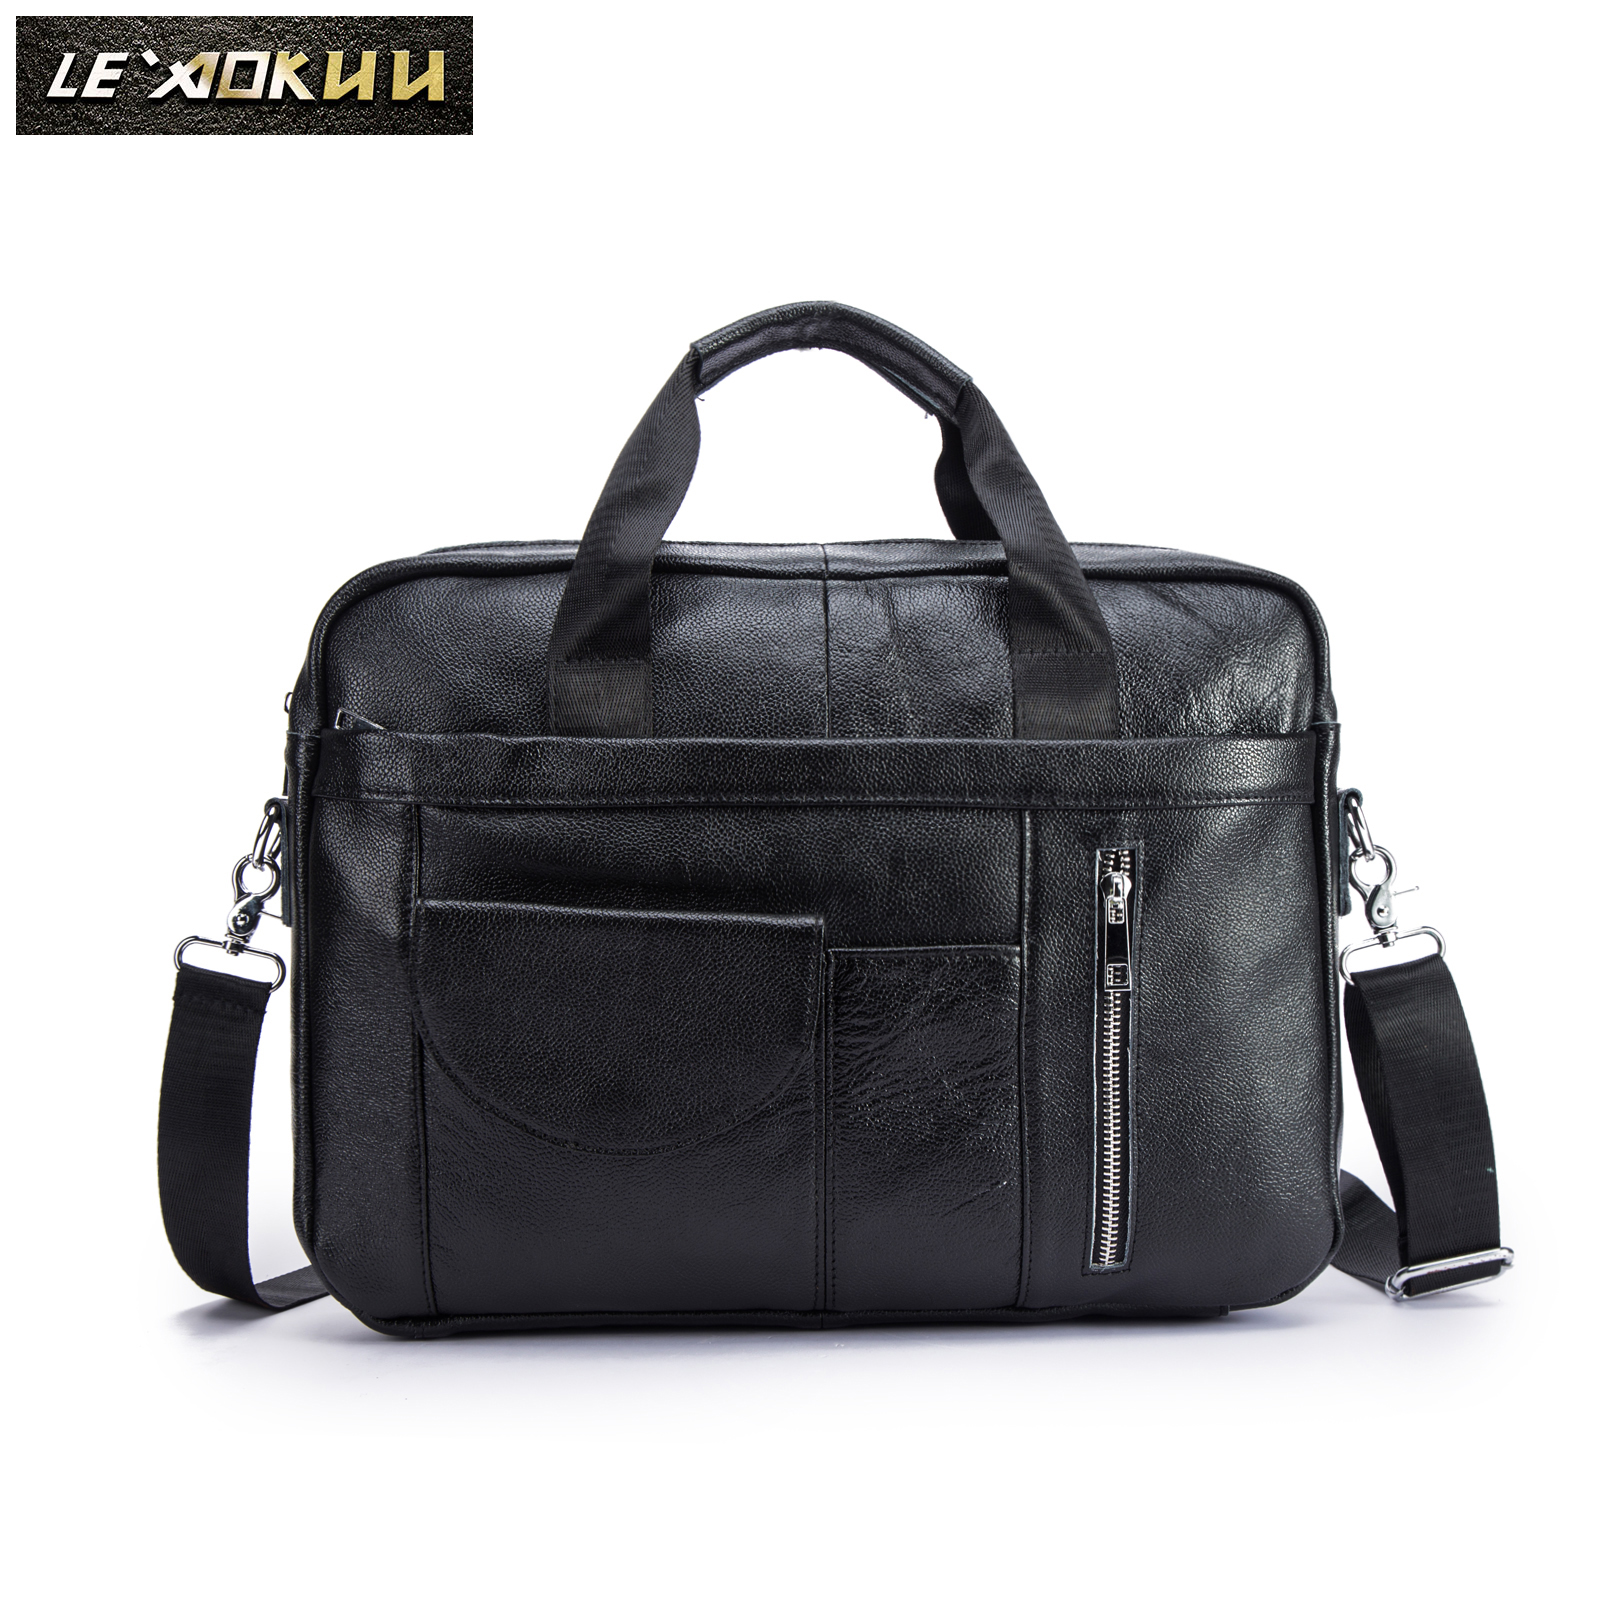 Men Quality Leather Vintage Fashion Travel Briefcase Business 15 6 Laptop Case Design Attache Messenger Bag